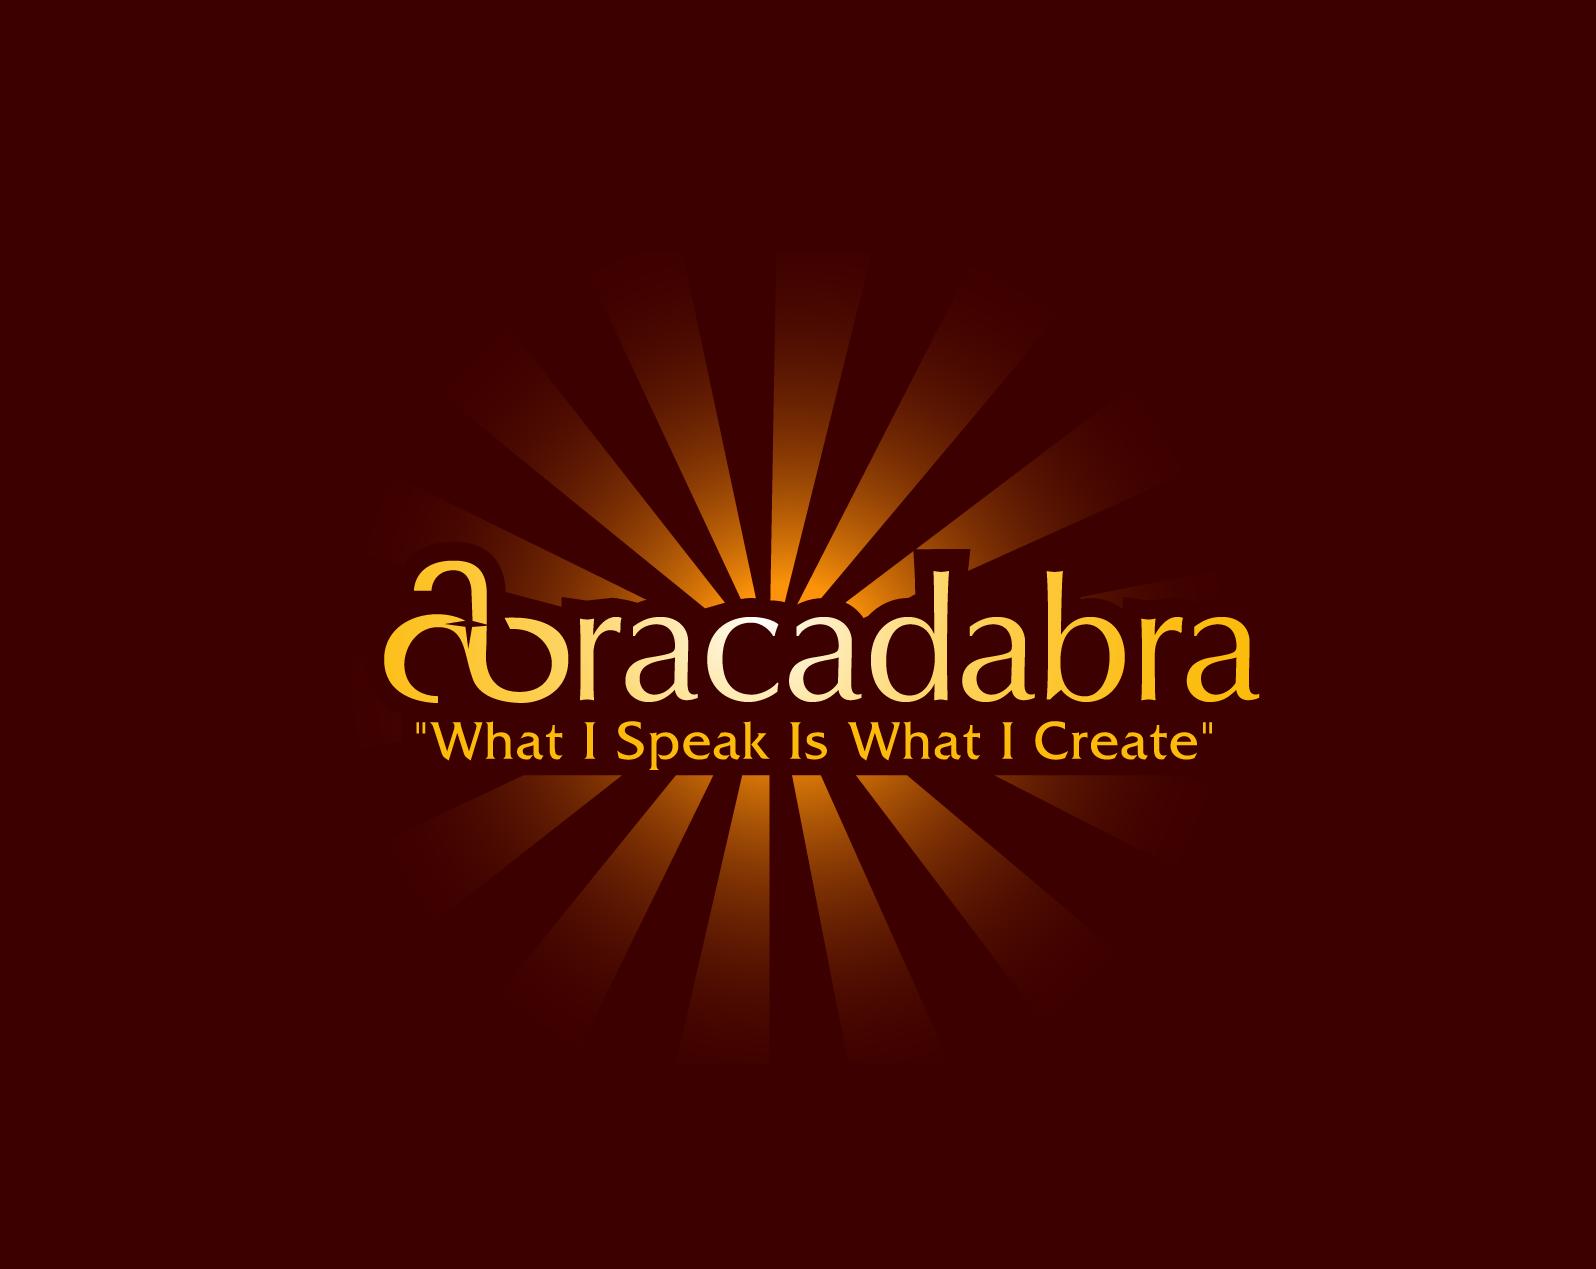 Abracadbra logo